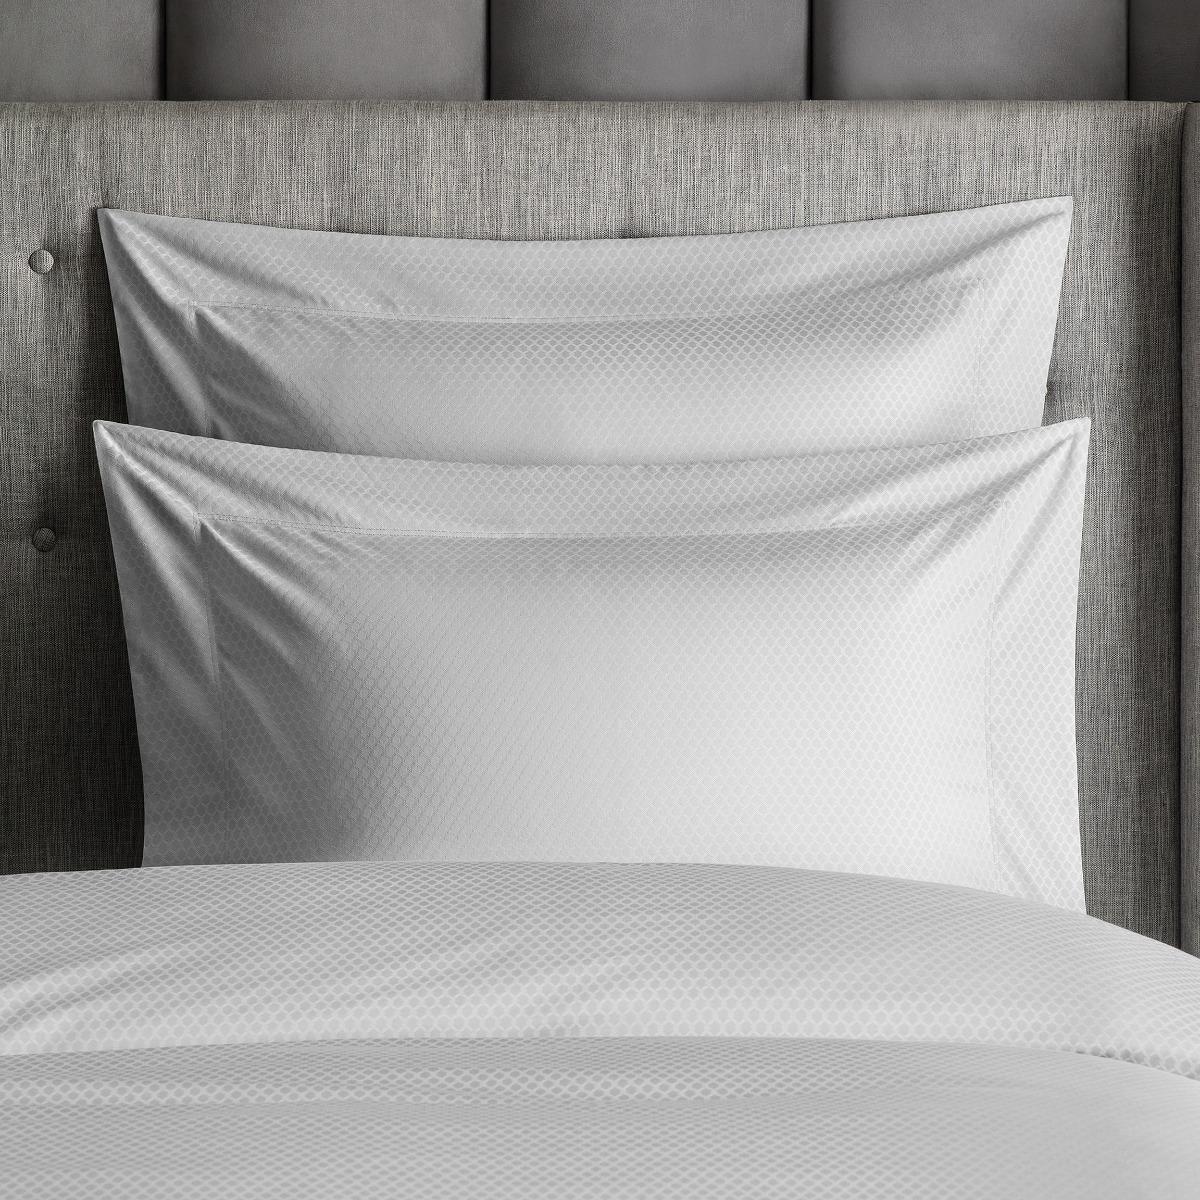 Комплект наволочек Togas Блейк светло-серый 70х70. 2 пр комплект наволочек togas клэрити белый 70х70 2 пр